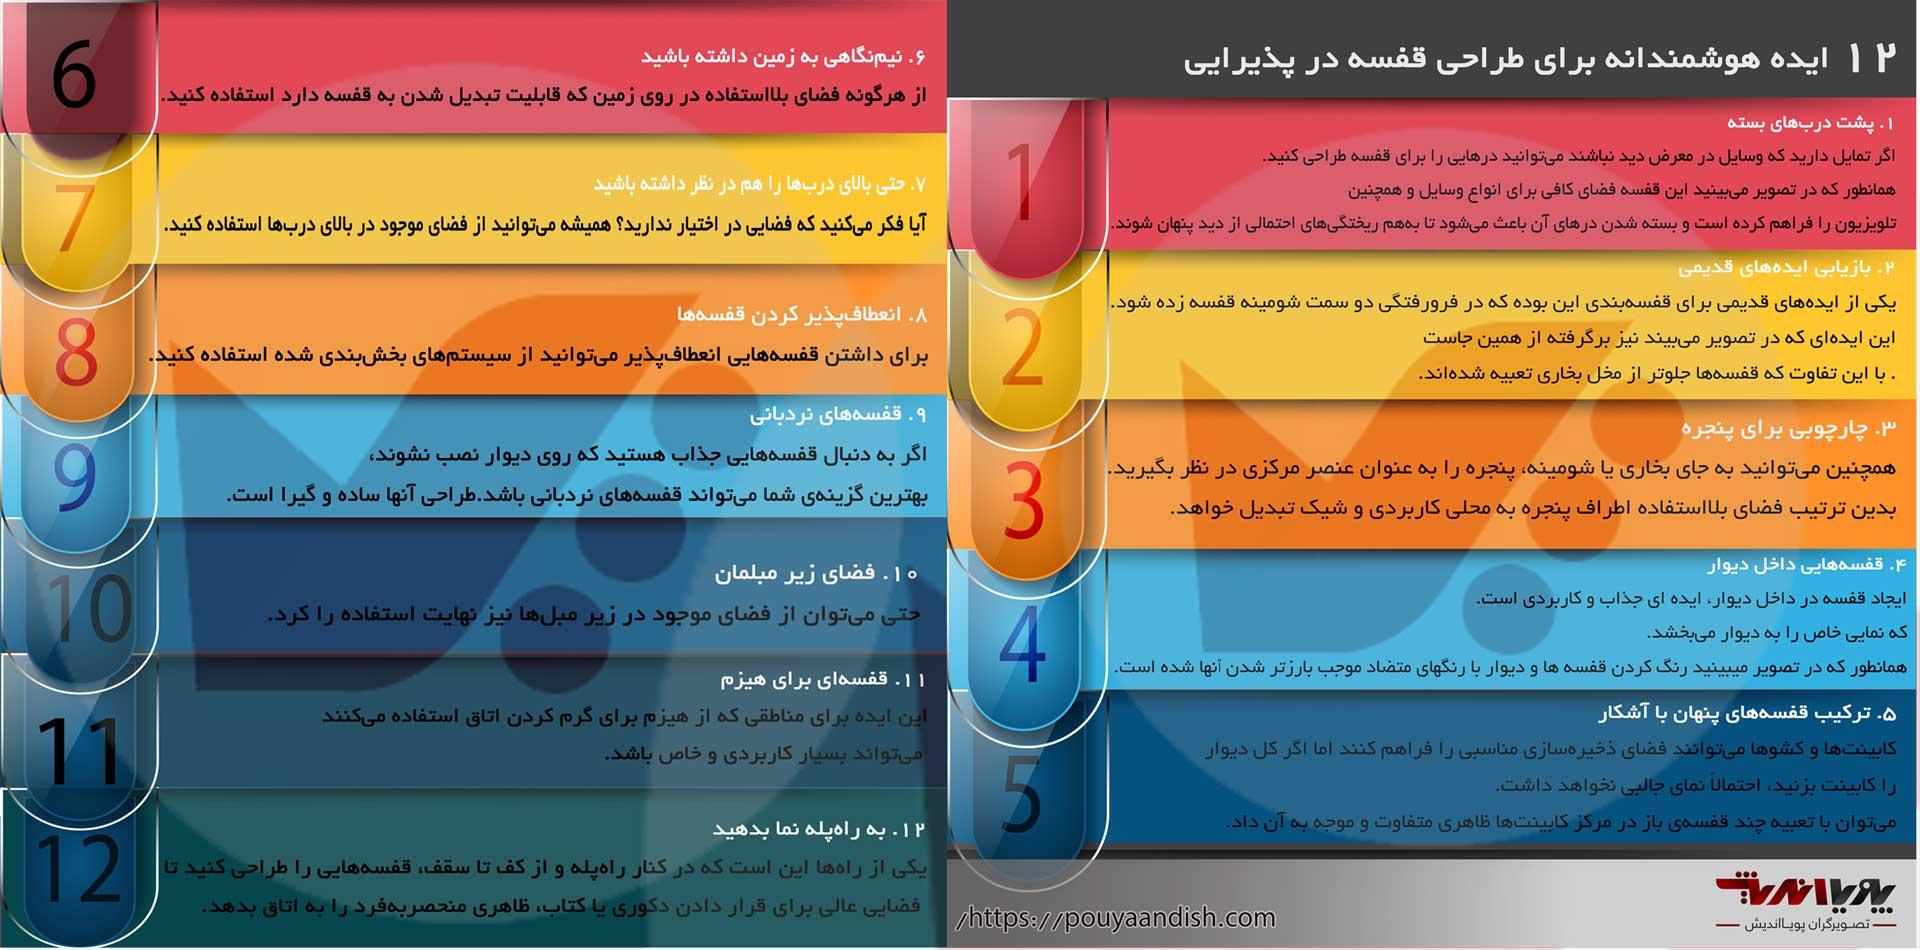 tarahi ghafase info3jpg 1 - ۱۲ ایده هوشمندانه برای طراحی قفسه در پذیرایی